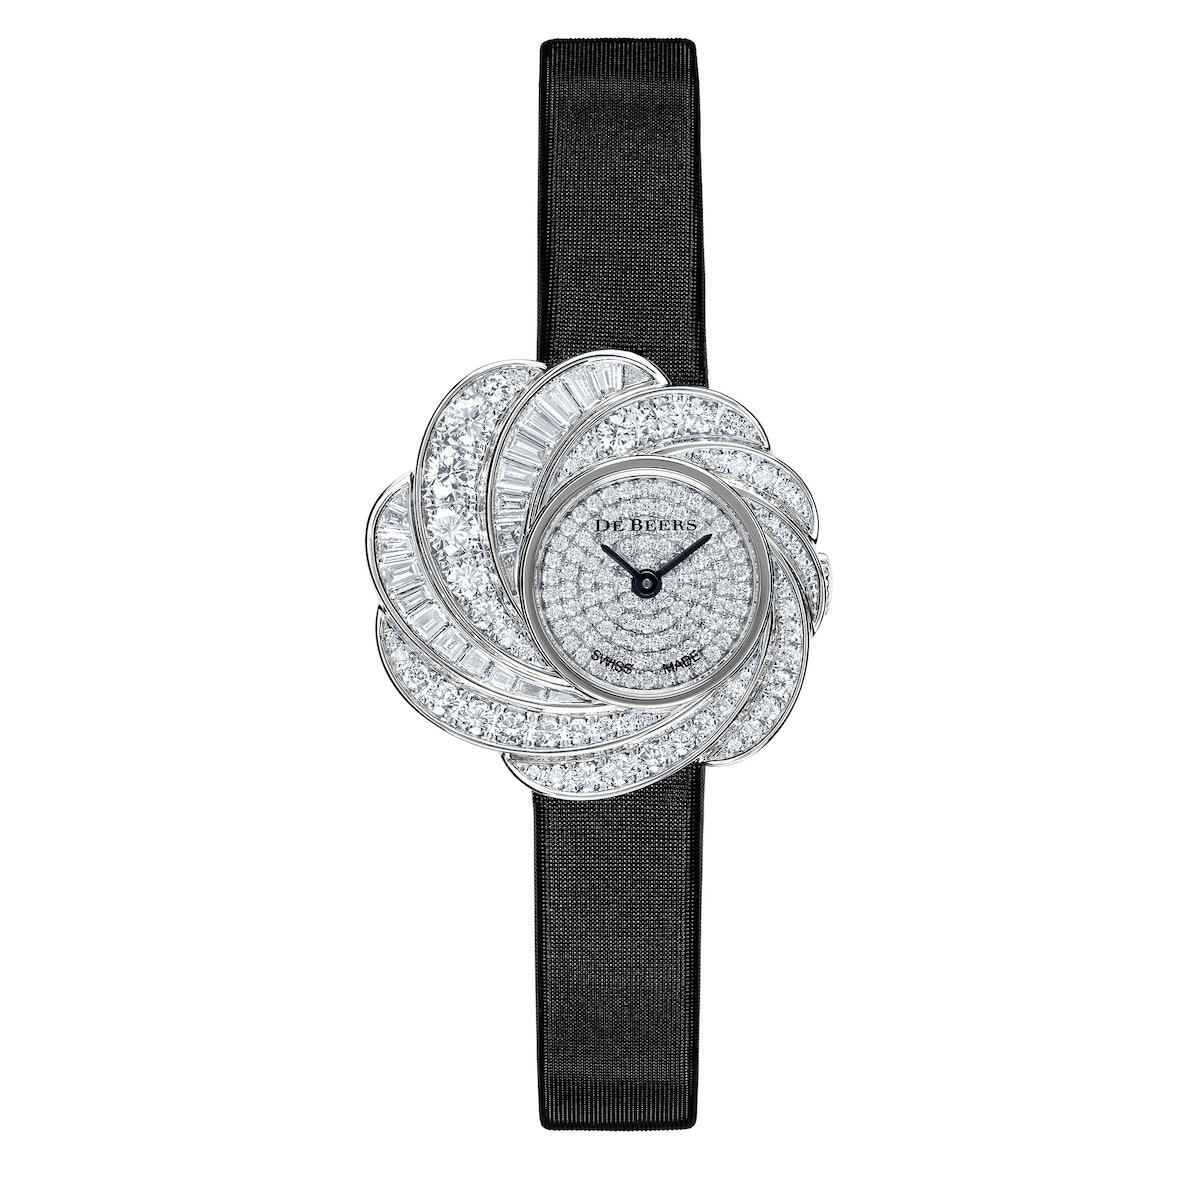 De Beers gold and diamond watch